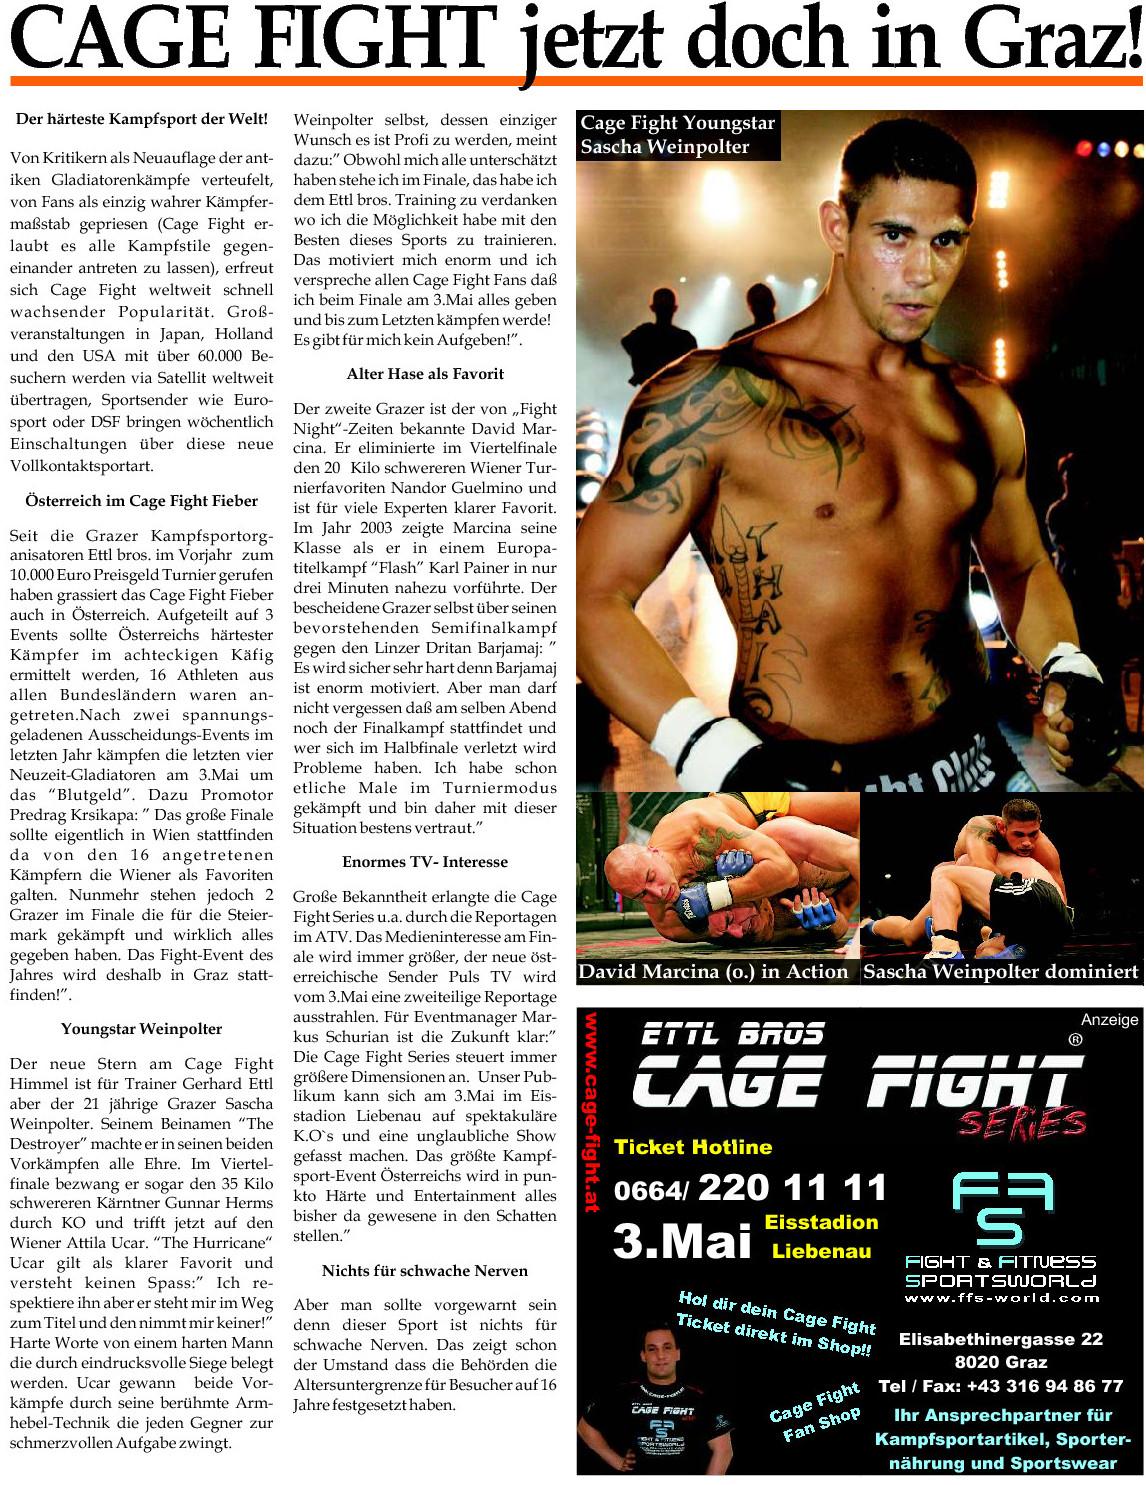 Der Grazer 23. März 2008